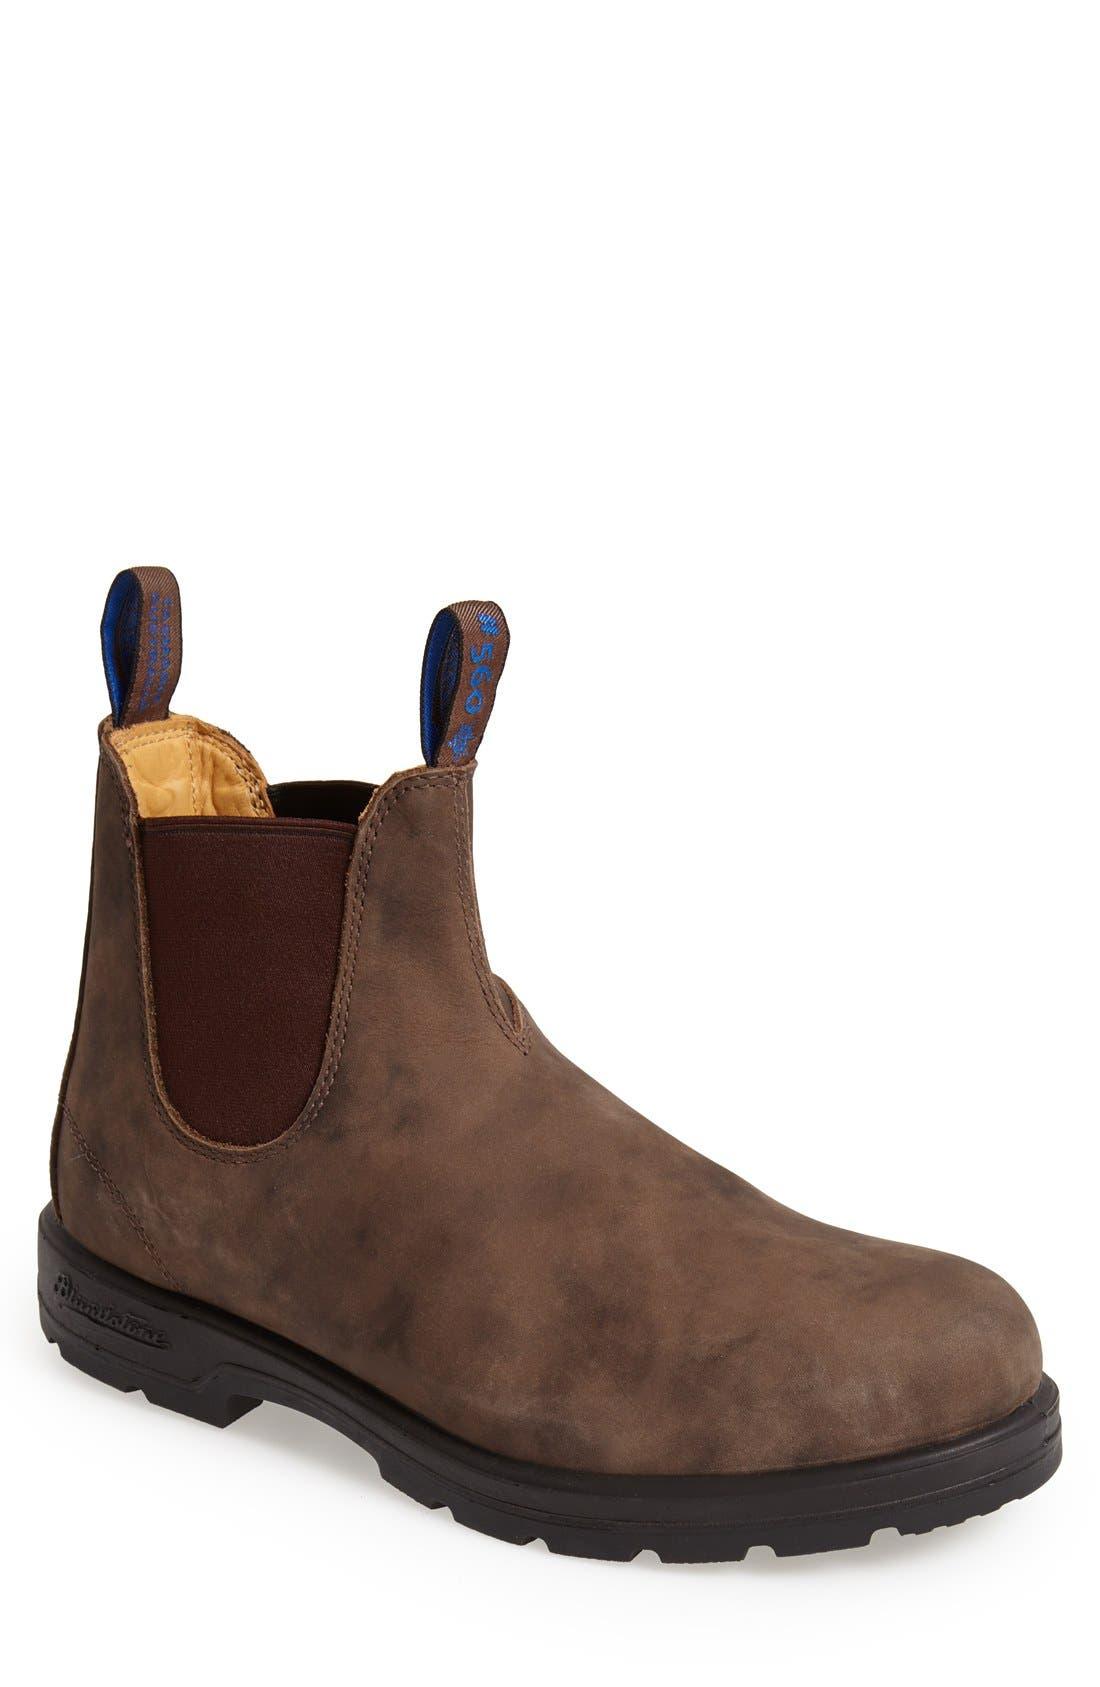 Footwear Waterproof Chelsea Boot